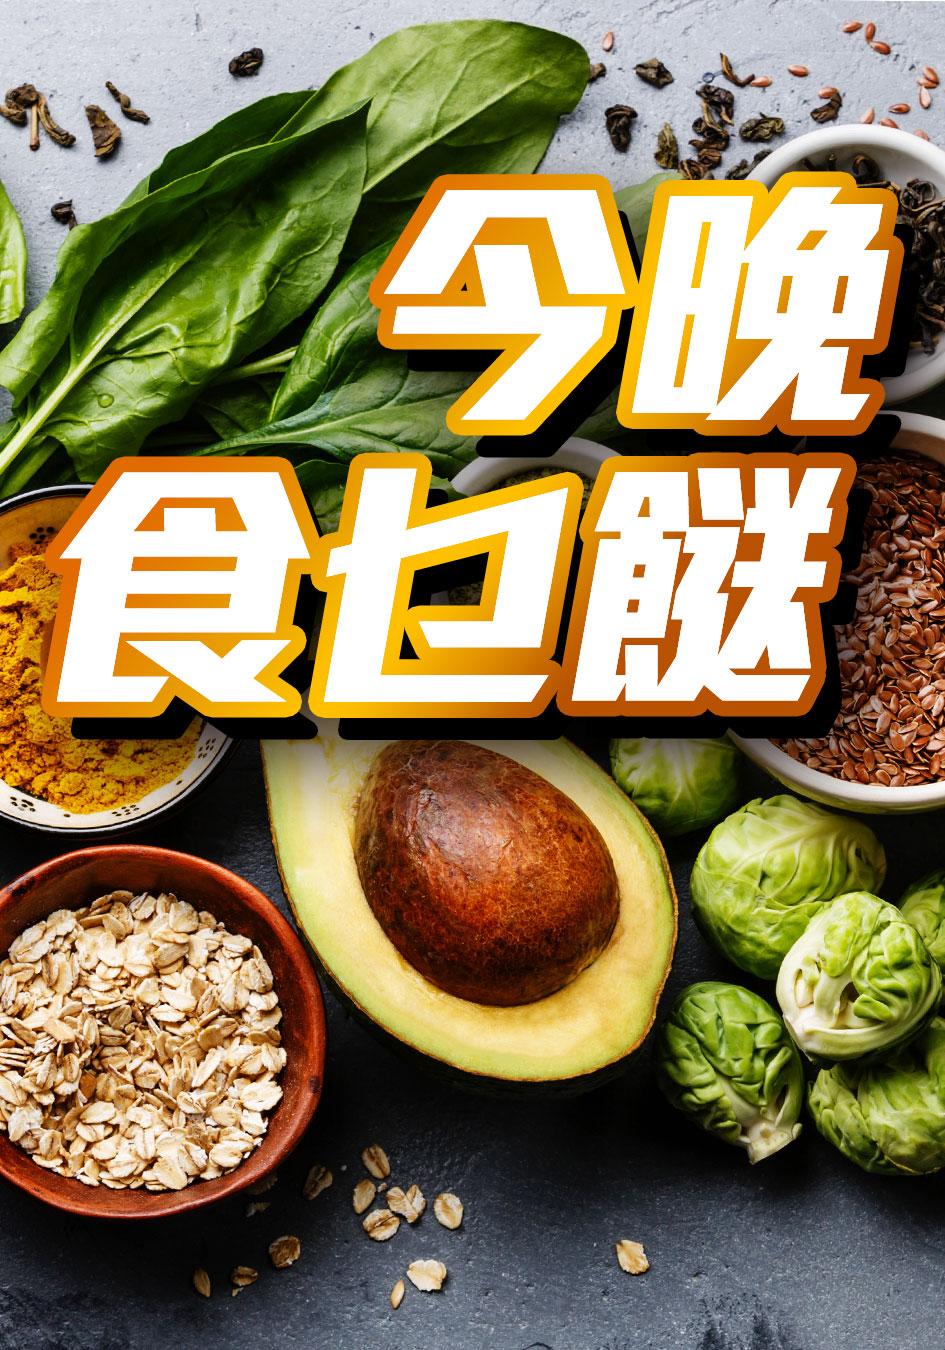 今晚食乜餸-Whats For Dinner